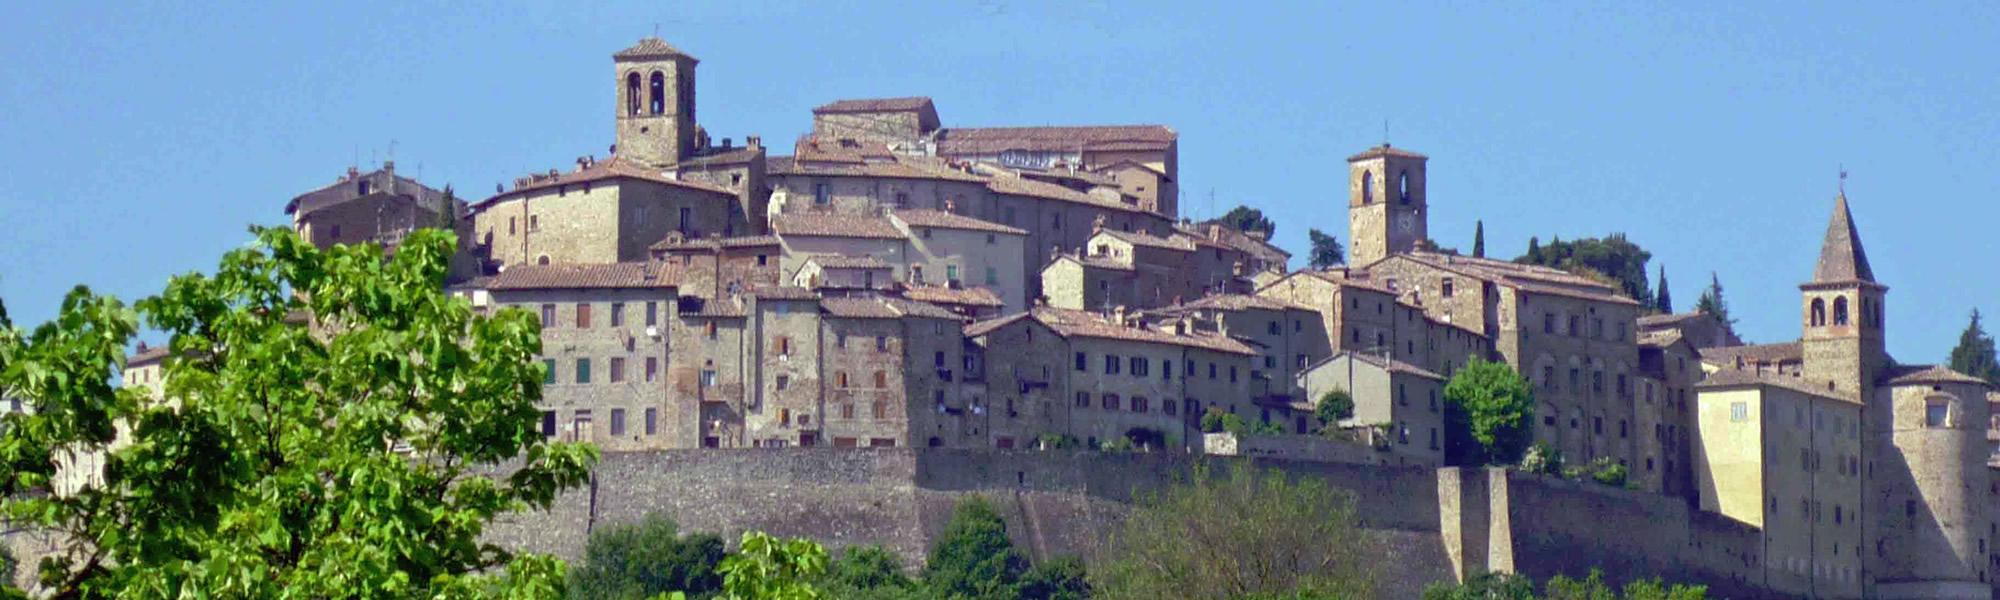 Anghiari in Toscana provincia Arezzo